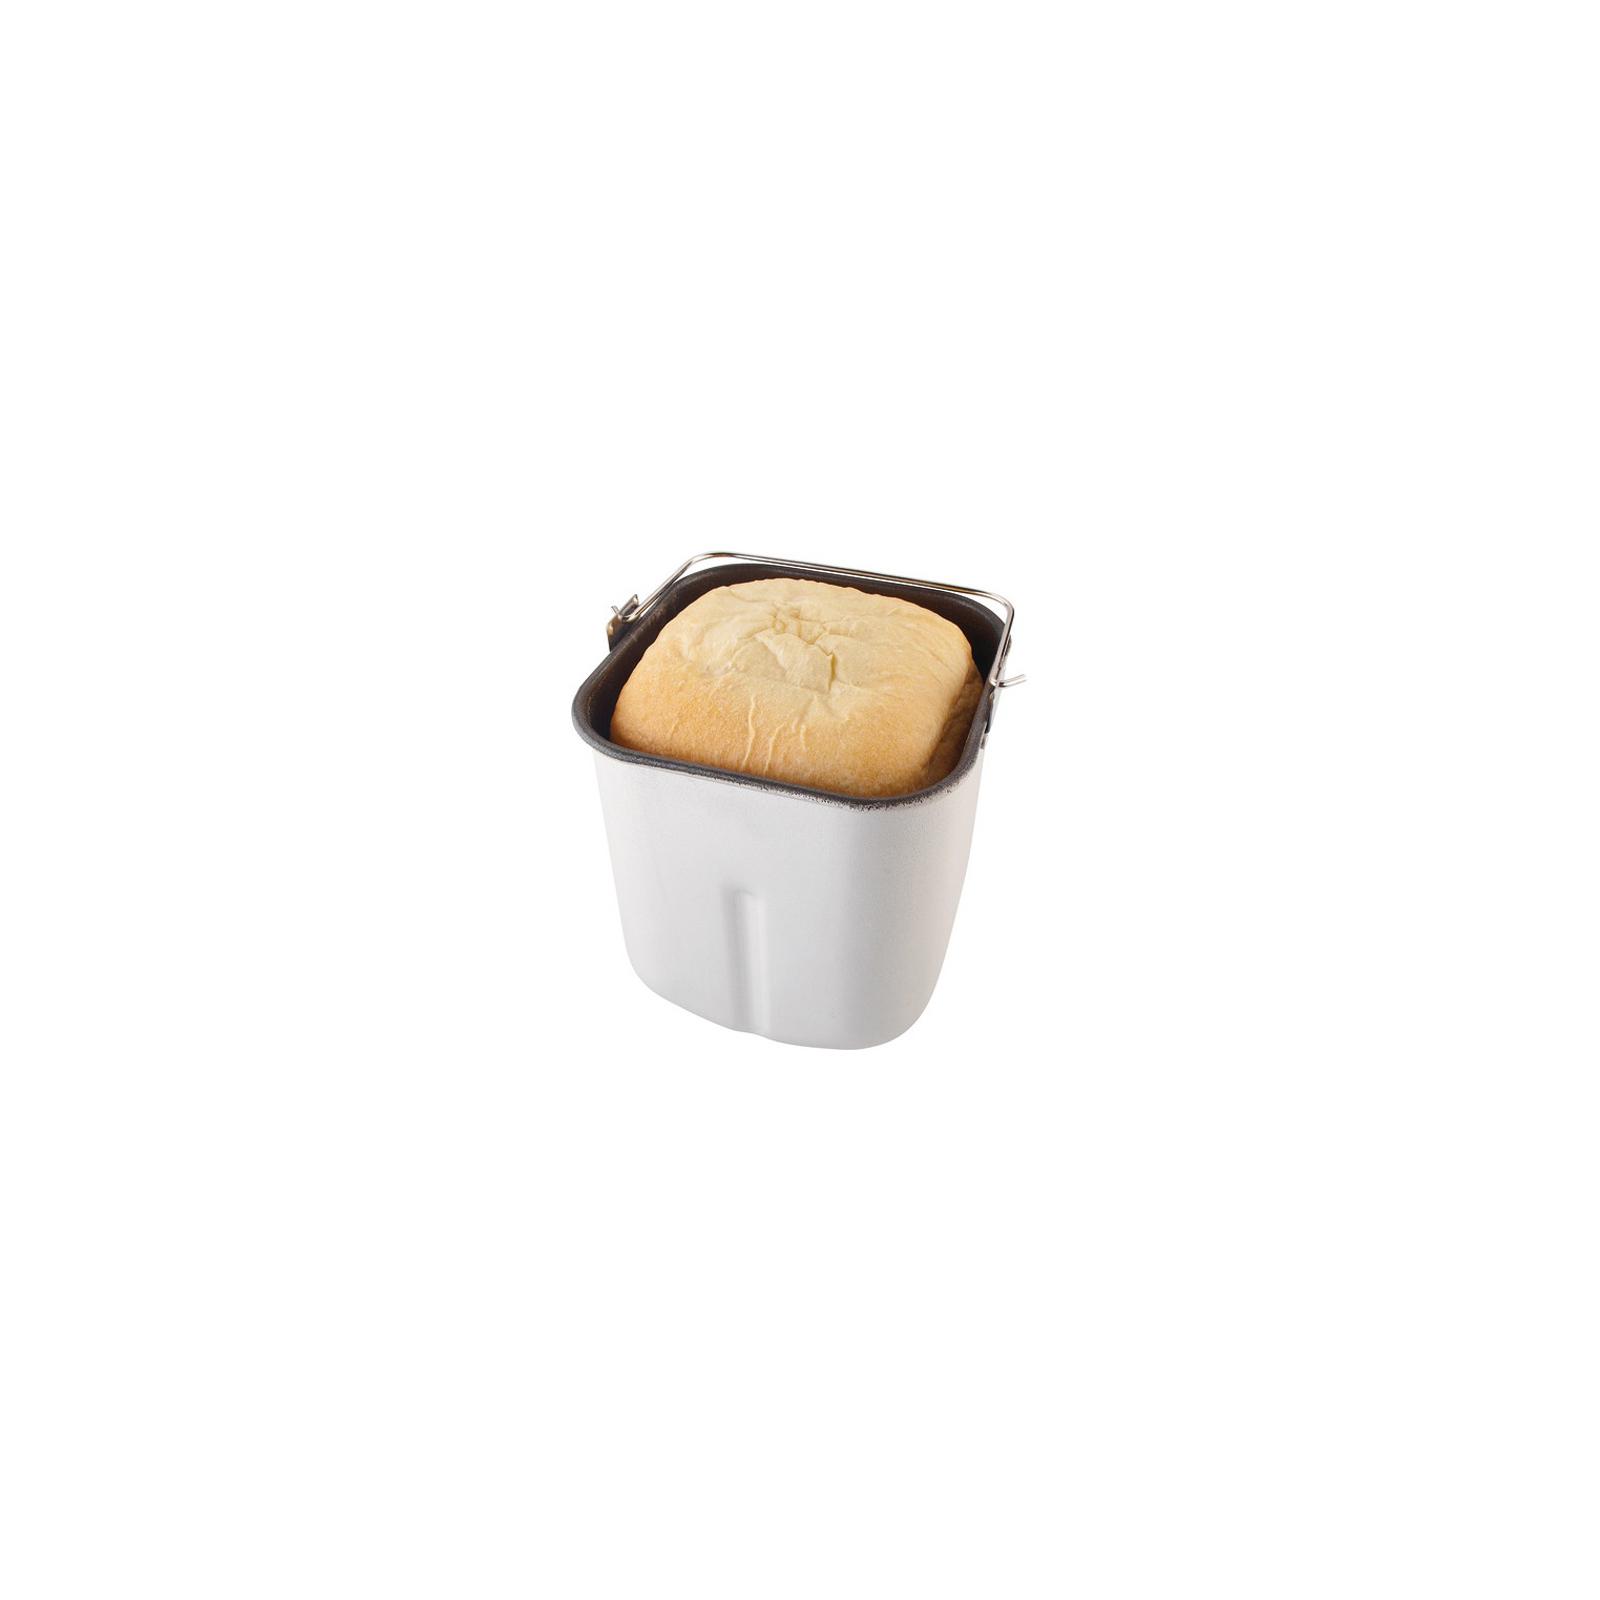 Хлебопечь Gorenje BM 900 W (BM900W) изображение 4